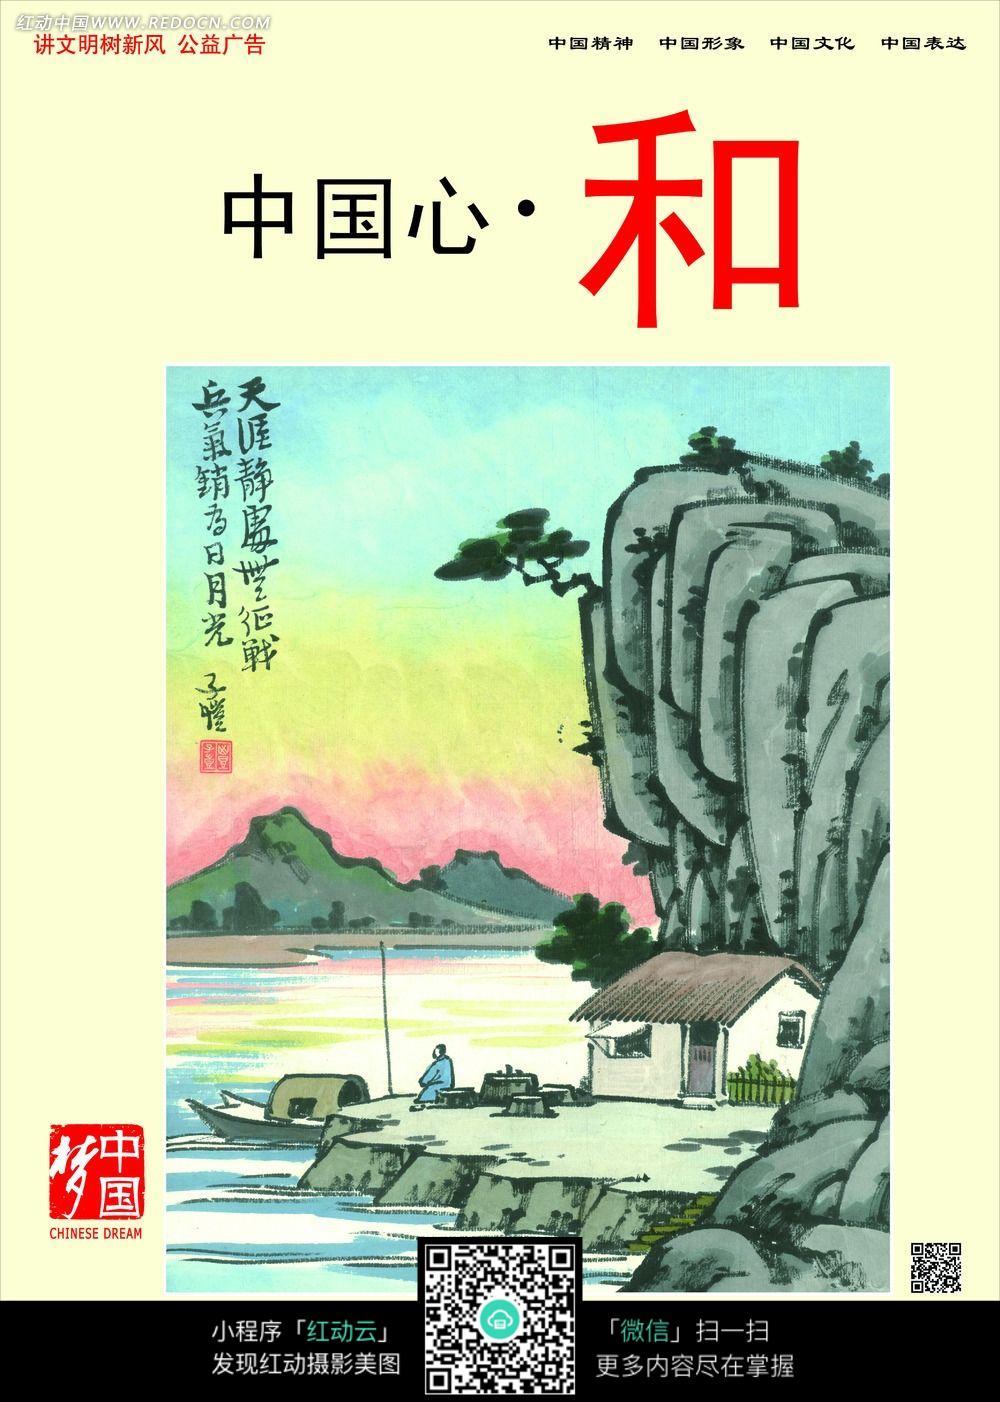 中国梦系列之中国心和